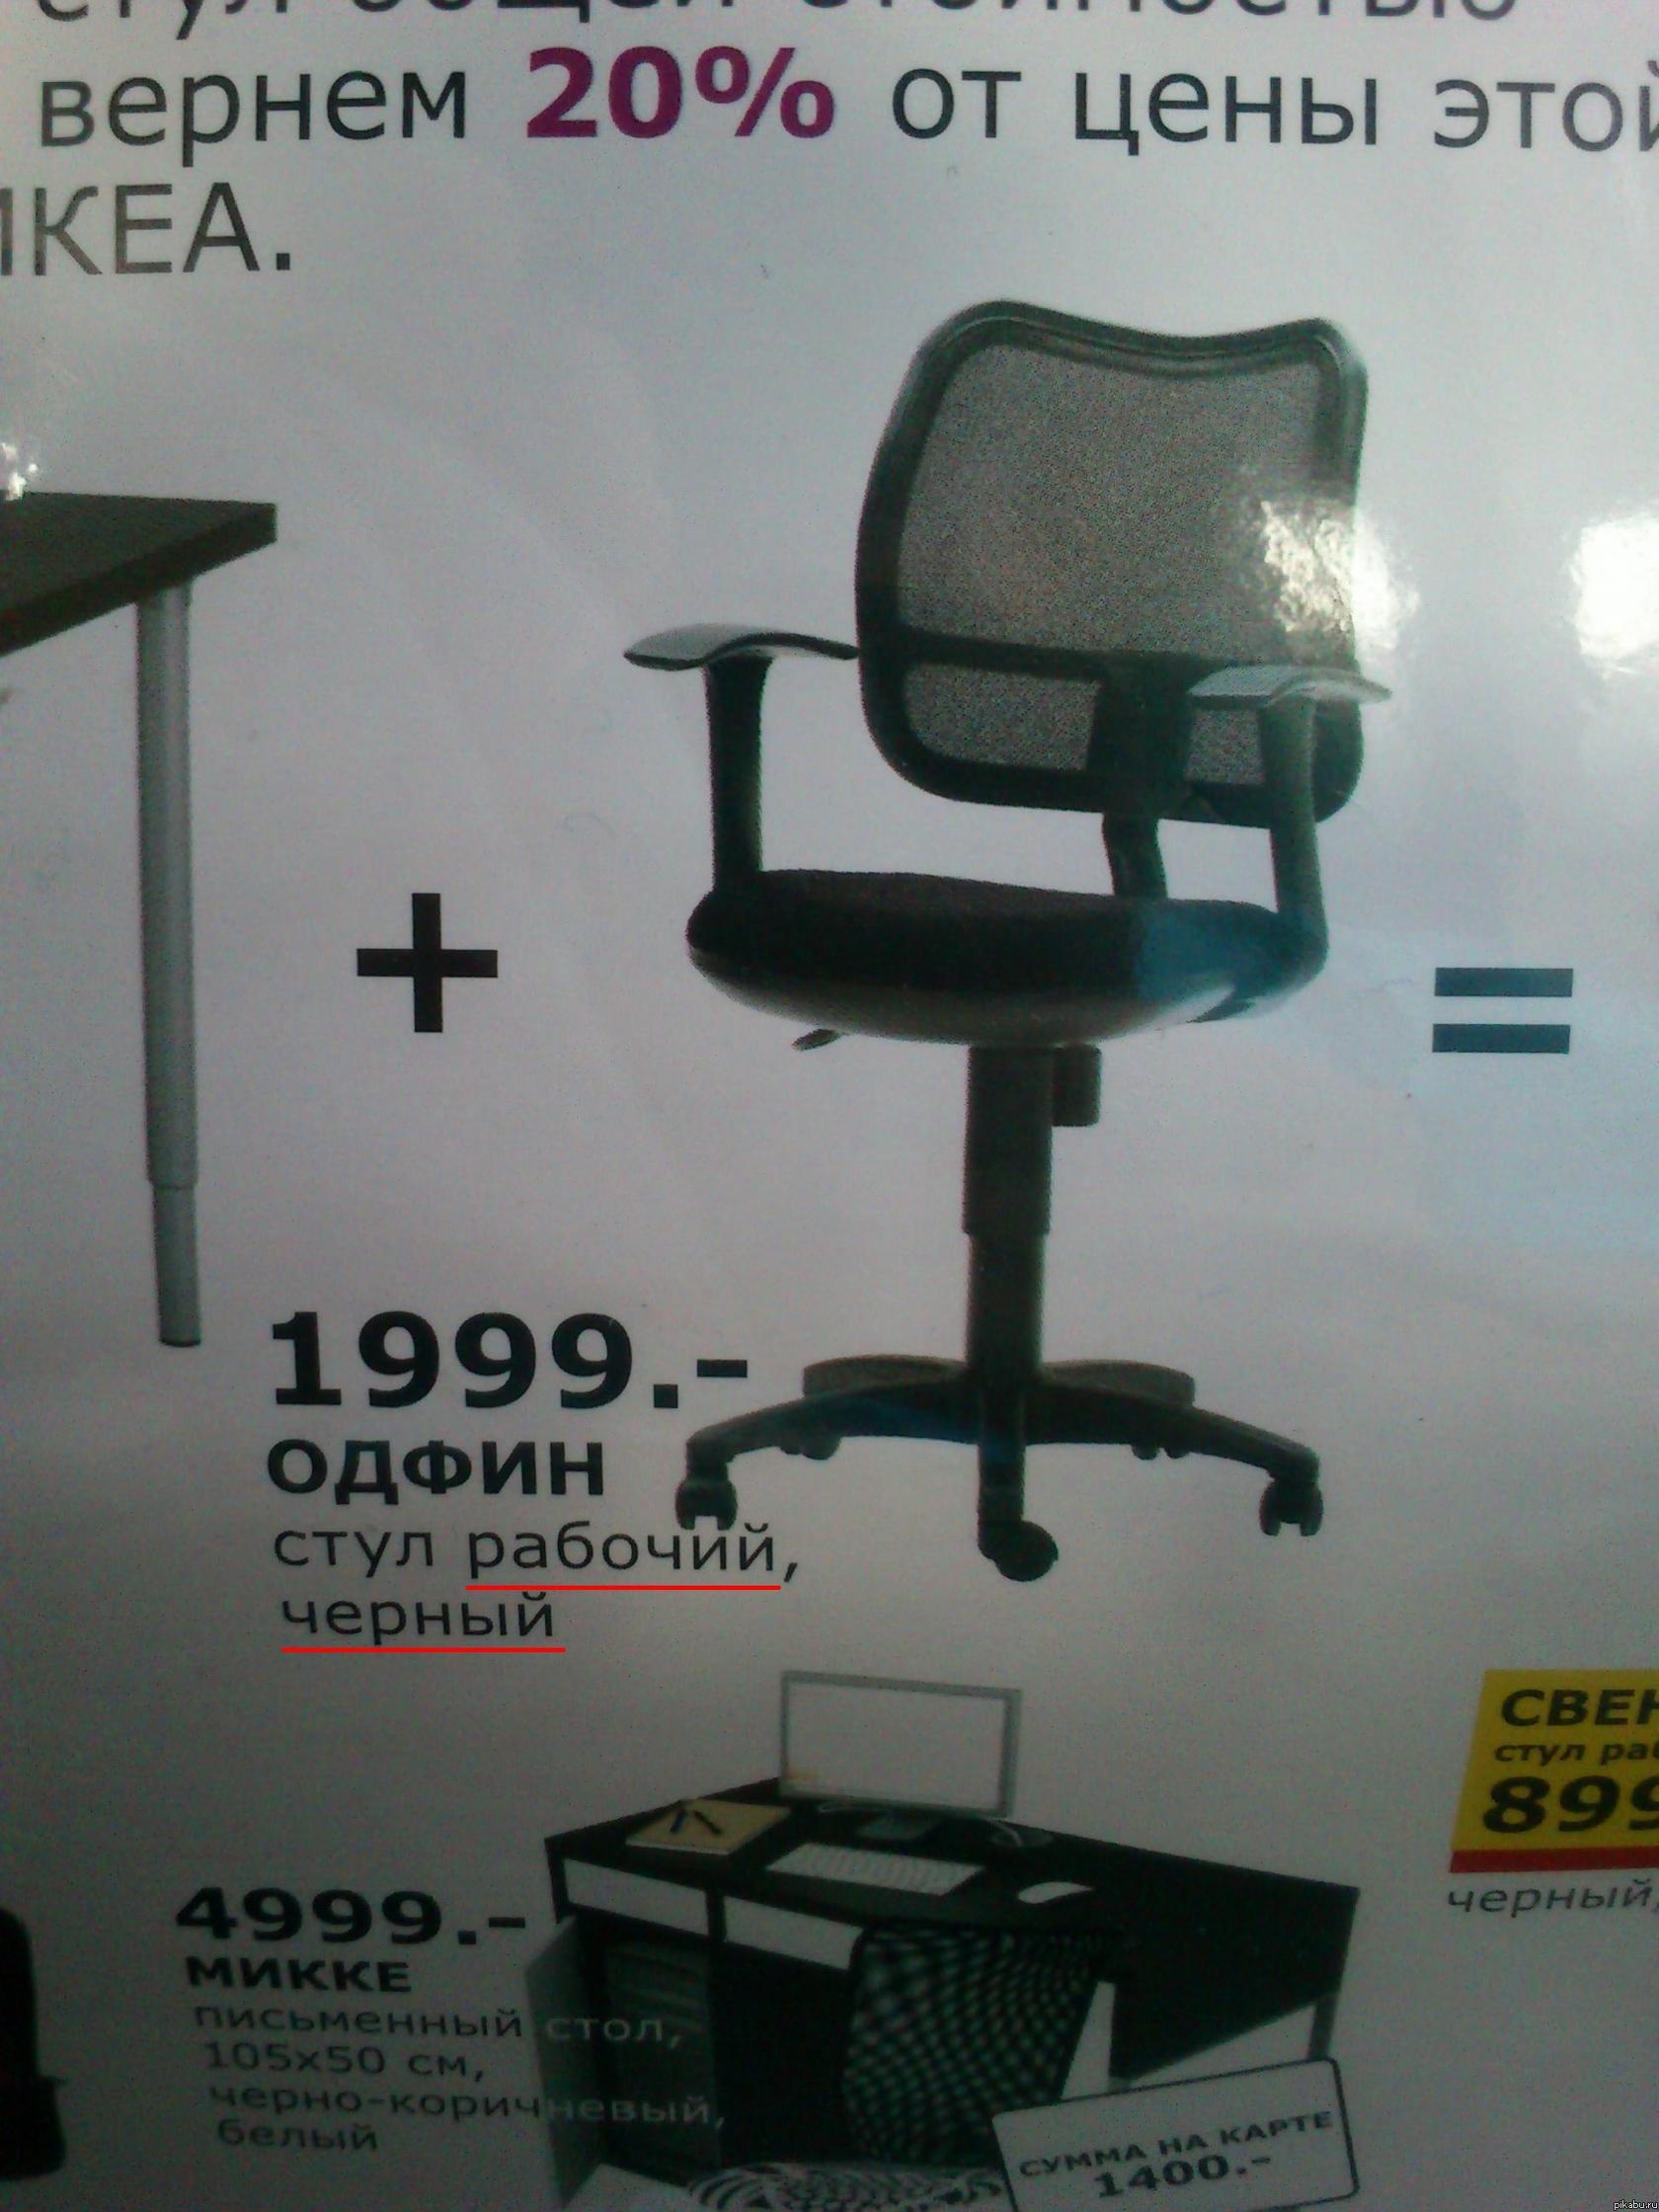 Немного расизма от IKEA Рабочий. Чёрный.